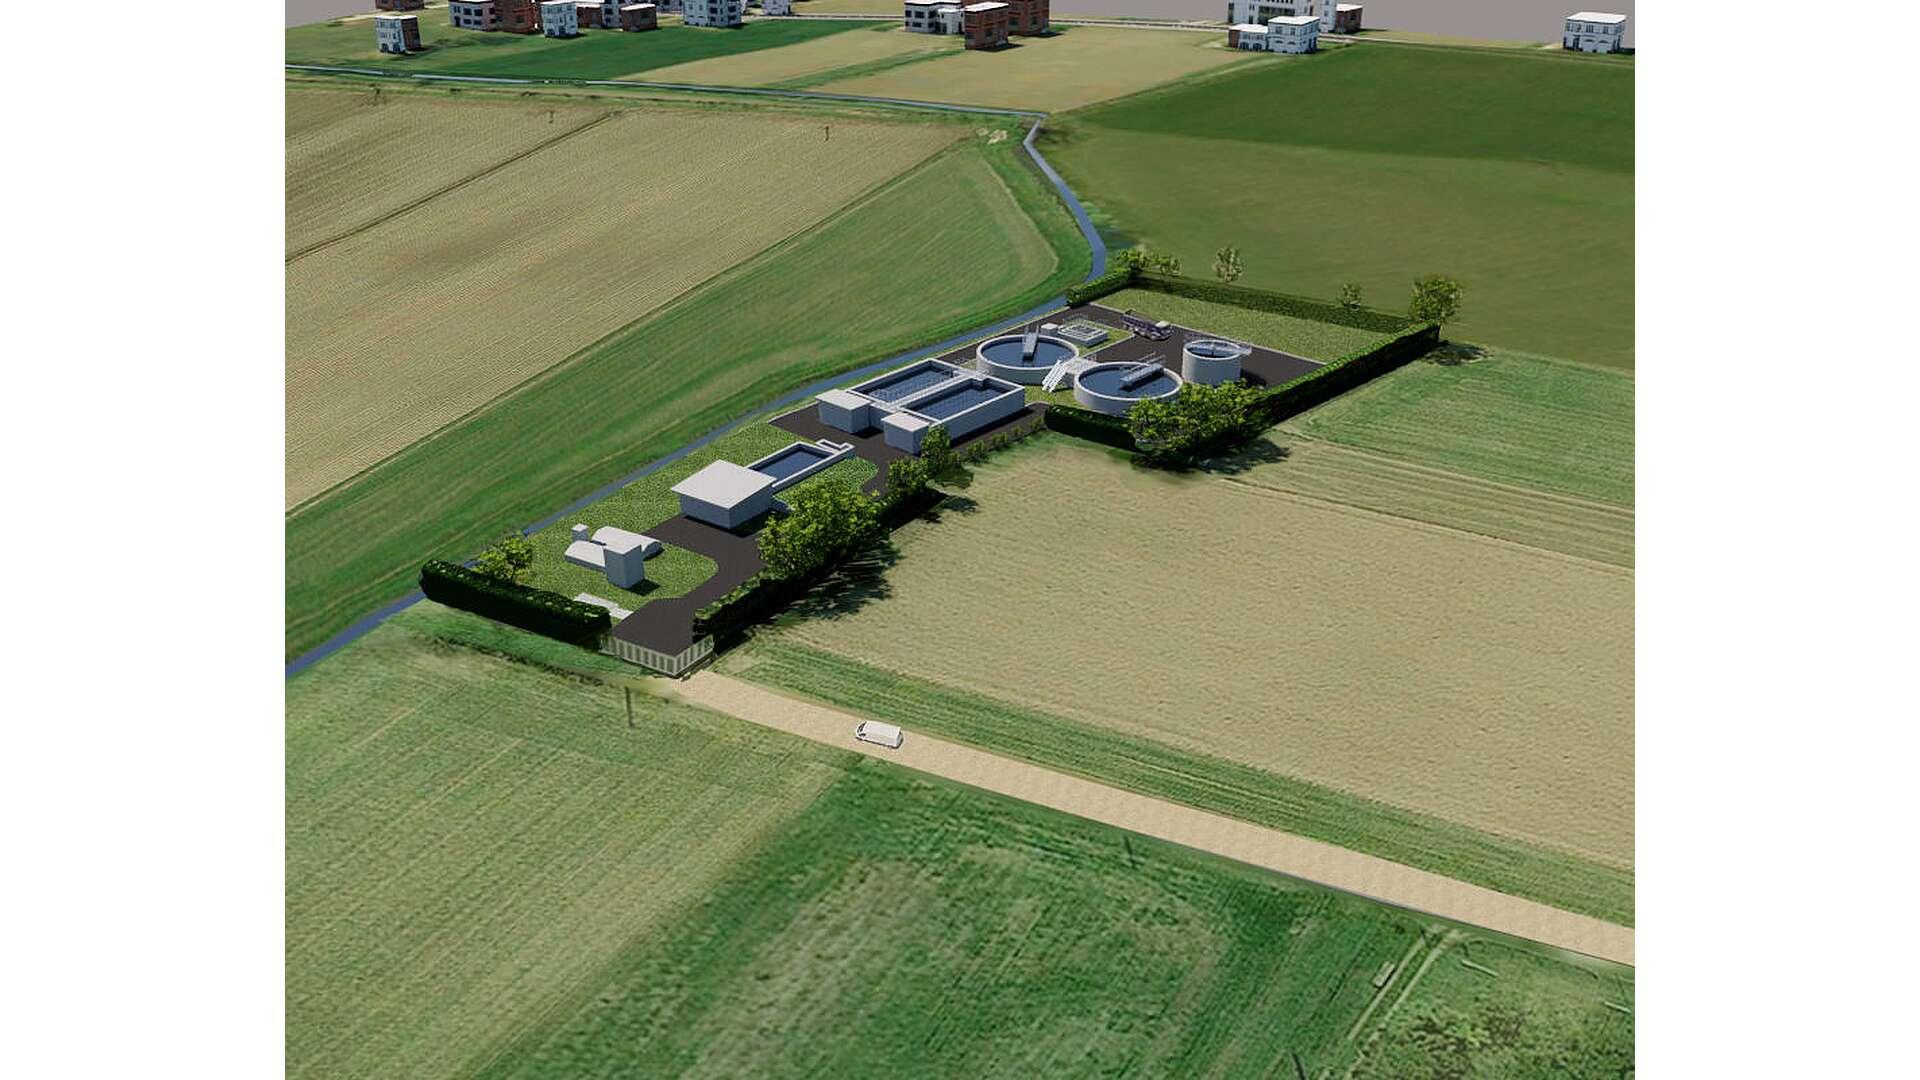 Depuratore Cavalle 001 E-Farm Studio Ingegneria